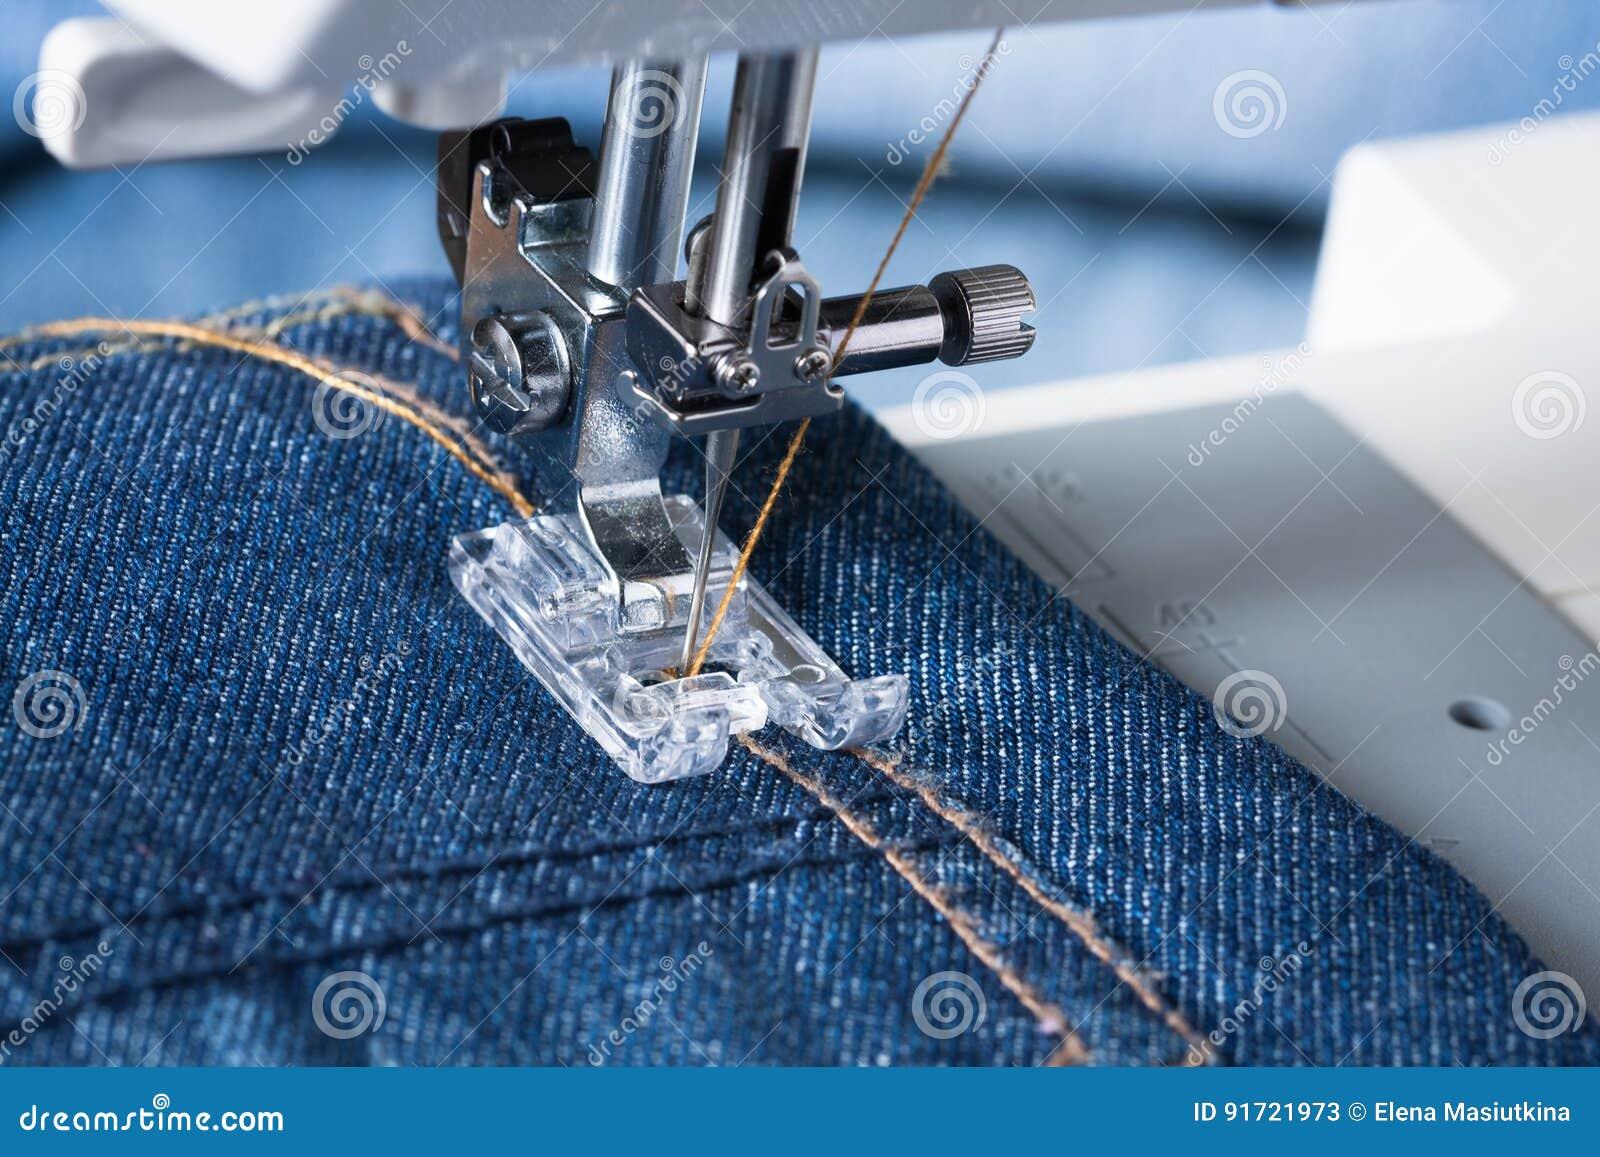 Piede della macchina per cucire sul tessuto dei jeans